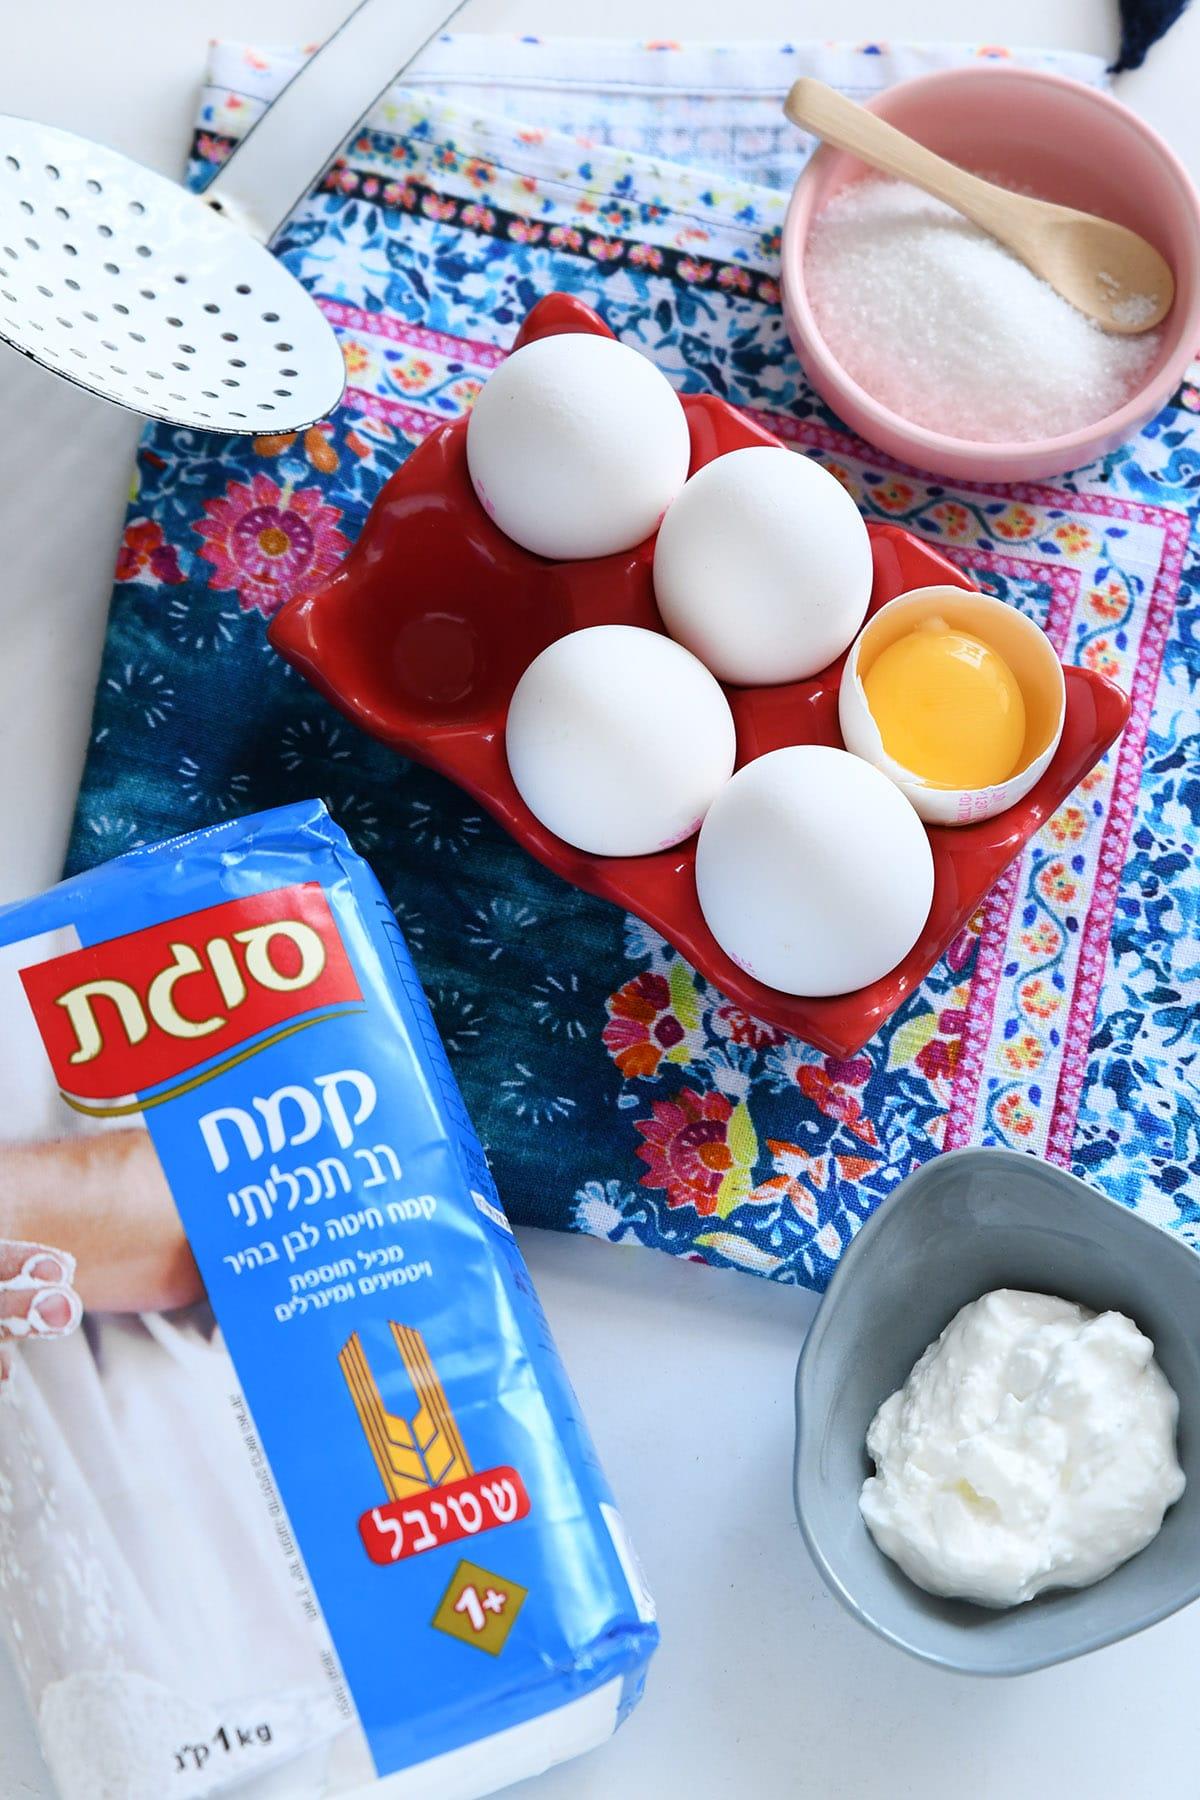 חומרים להכנת סופגניות הונגריות